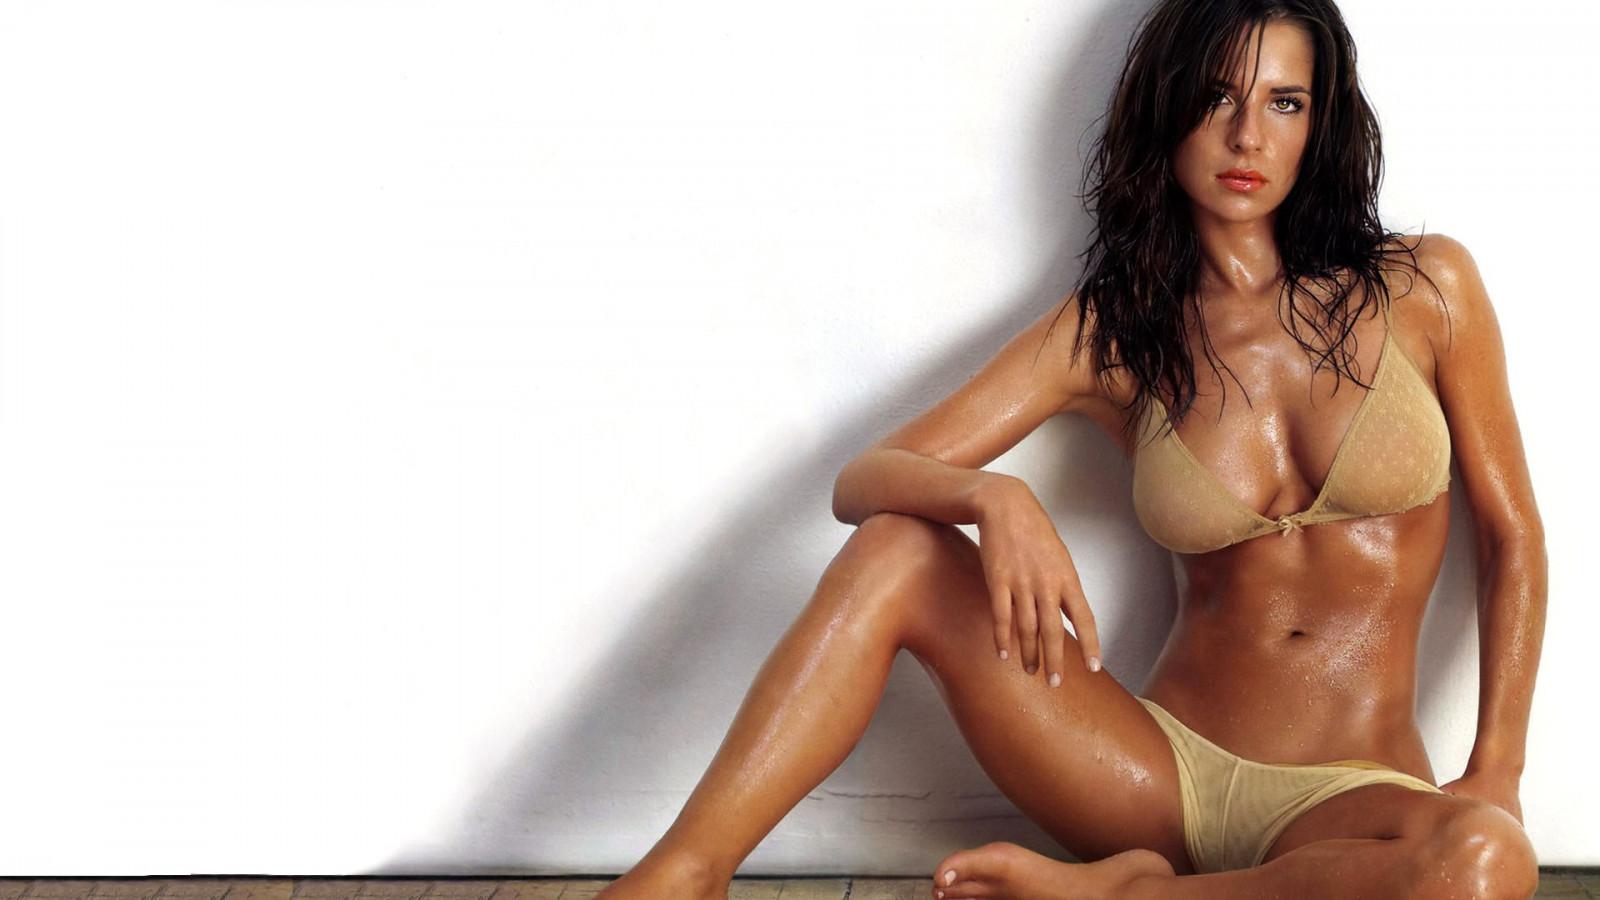 Смотреть видео про актрис знаменитых русских где они голые